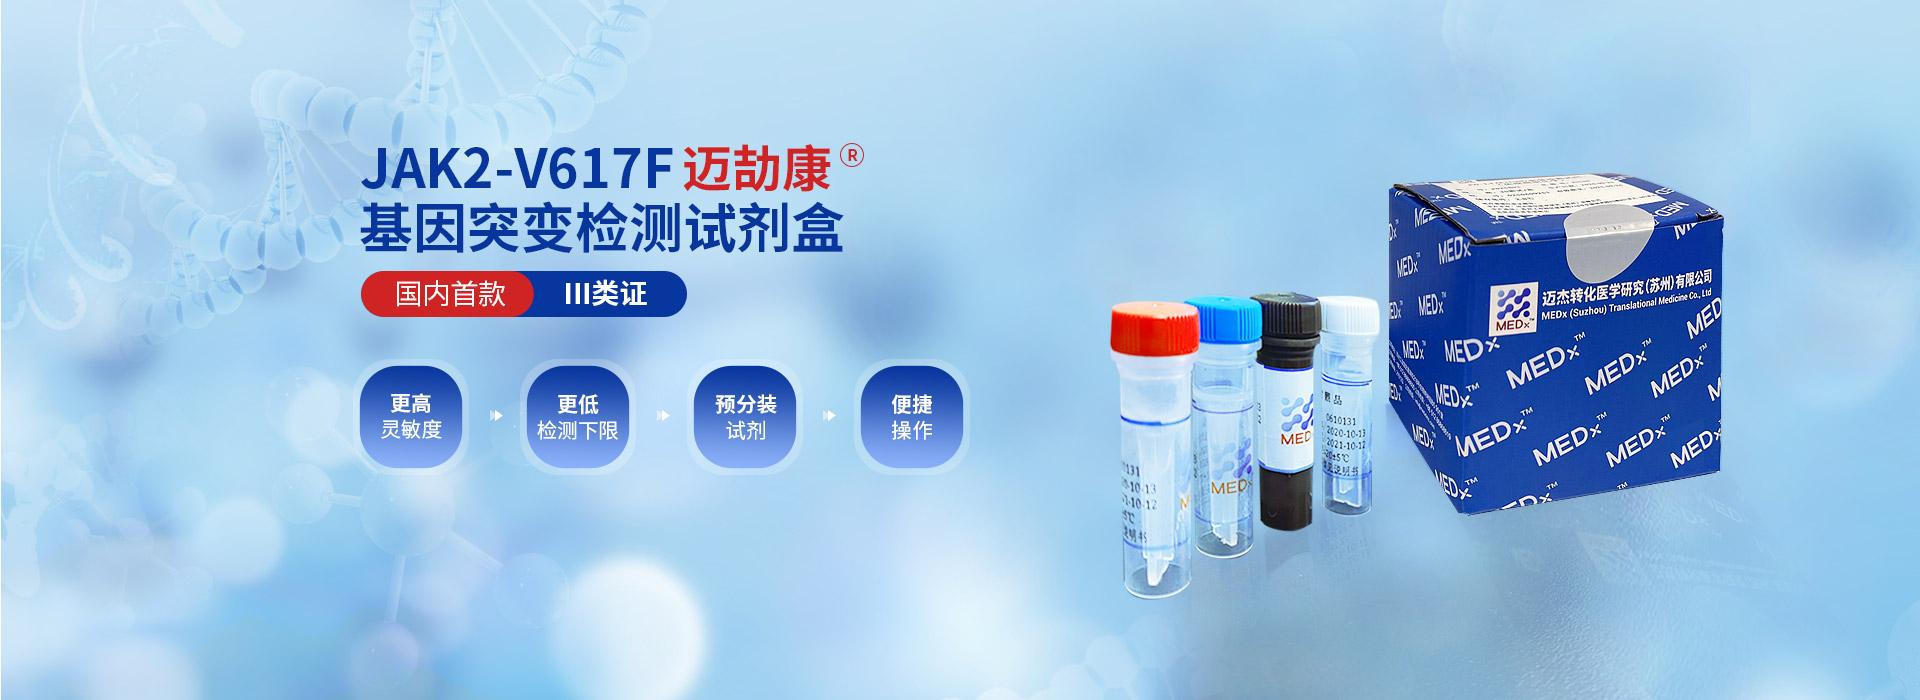 迈杰转化医学JAK2-V617F检测试剂盒国内首款III认证